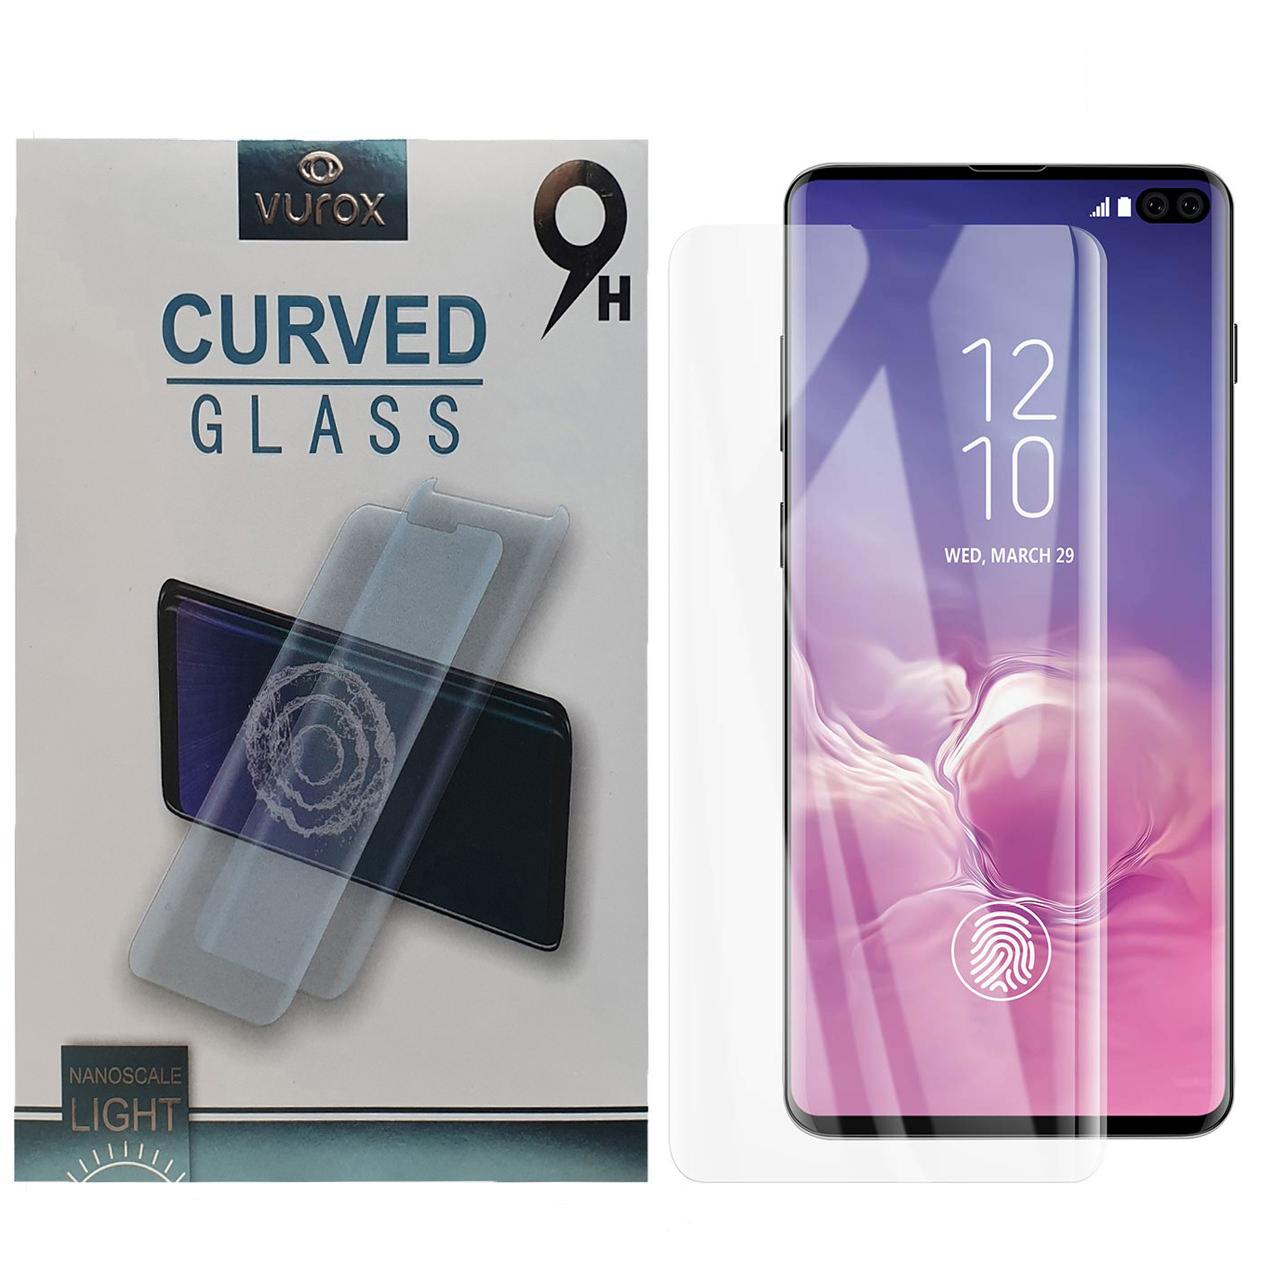 محافظ صفحه نمایش یووی لایت ورکس مدل LMT مناسب برای گوشی موبایل سامسونگ Galaxy S10 Plus              ( قیمت و خرید)